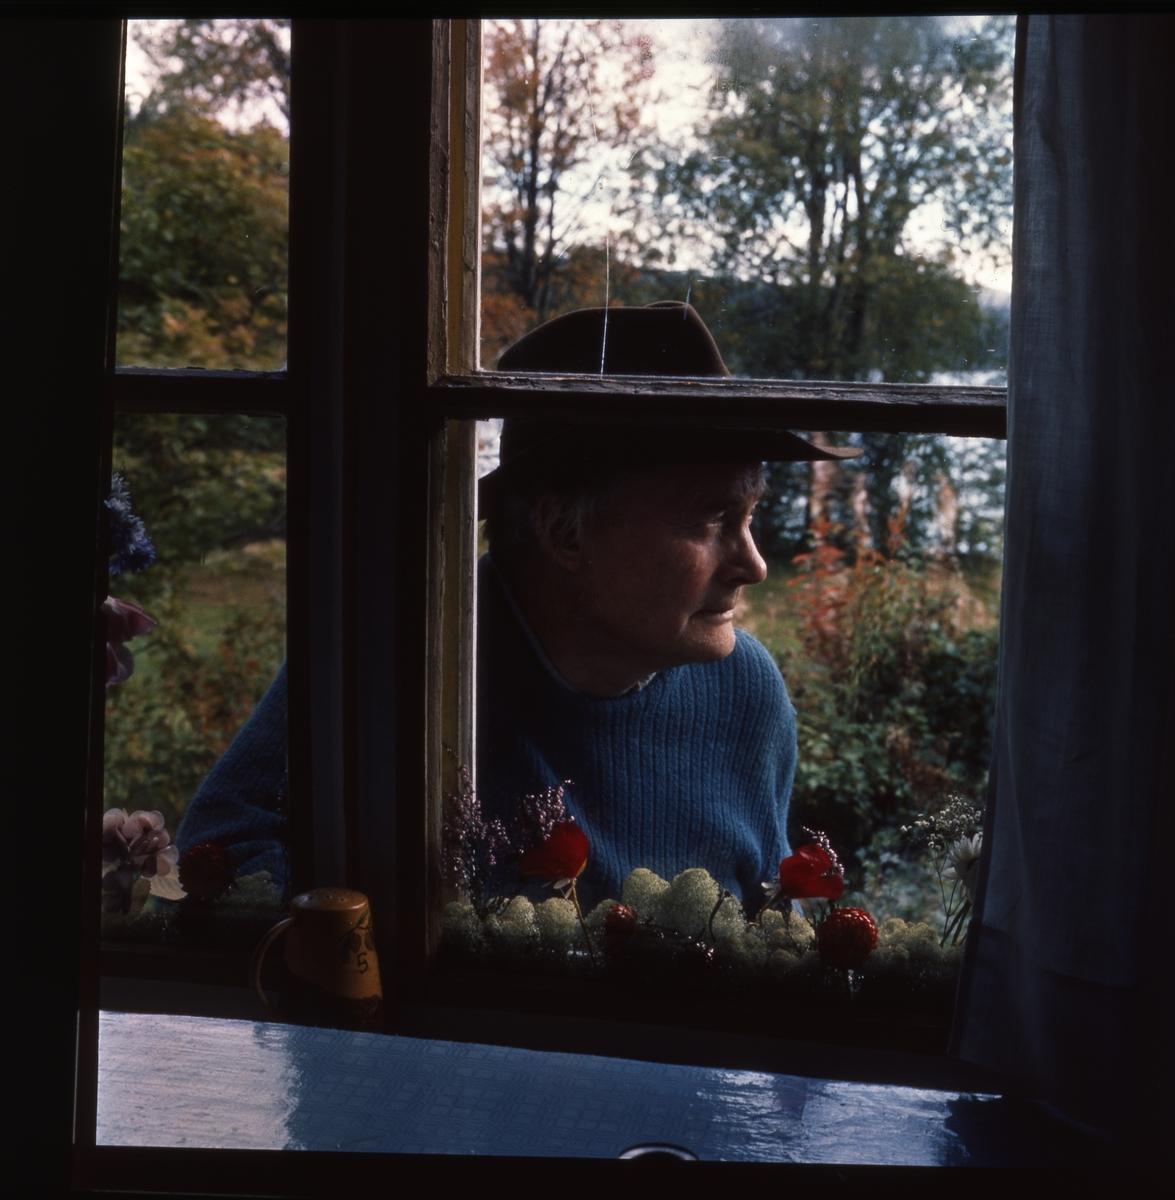 Utanför ett av de spröjsade fönstren på skrivarstugan står Albert Viksten iklädd hatt. Naturen har höstfäger.